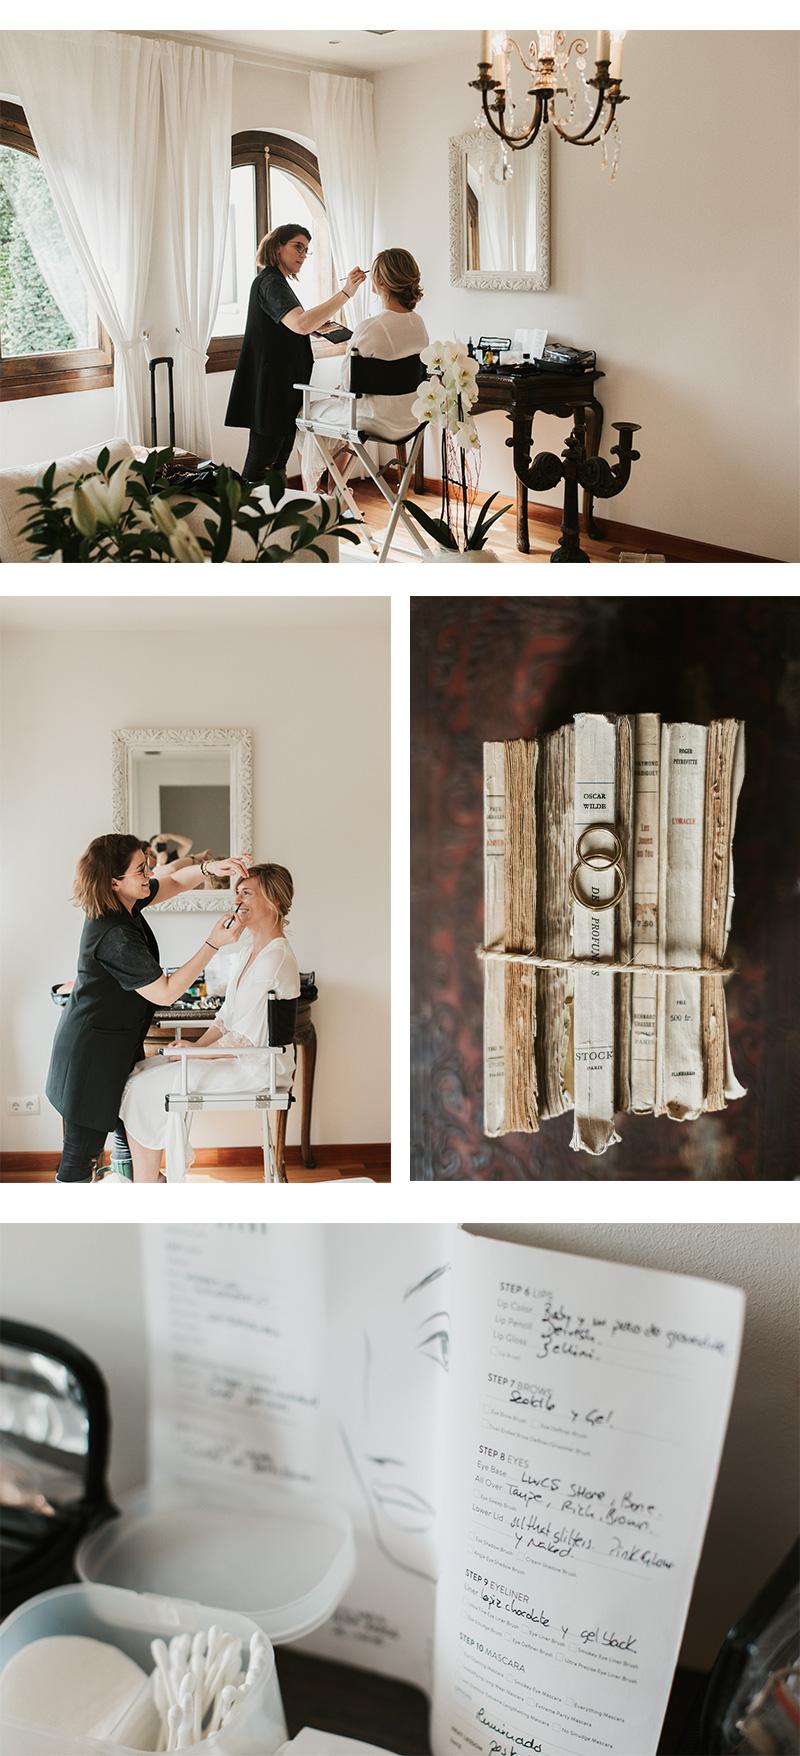 Fotografos de boda en Asturias - Boda en el Palacio de Rua 15